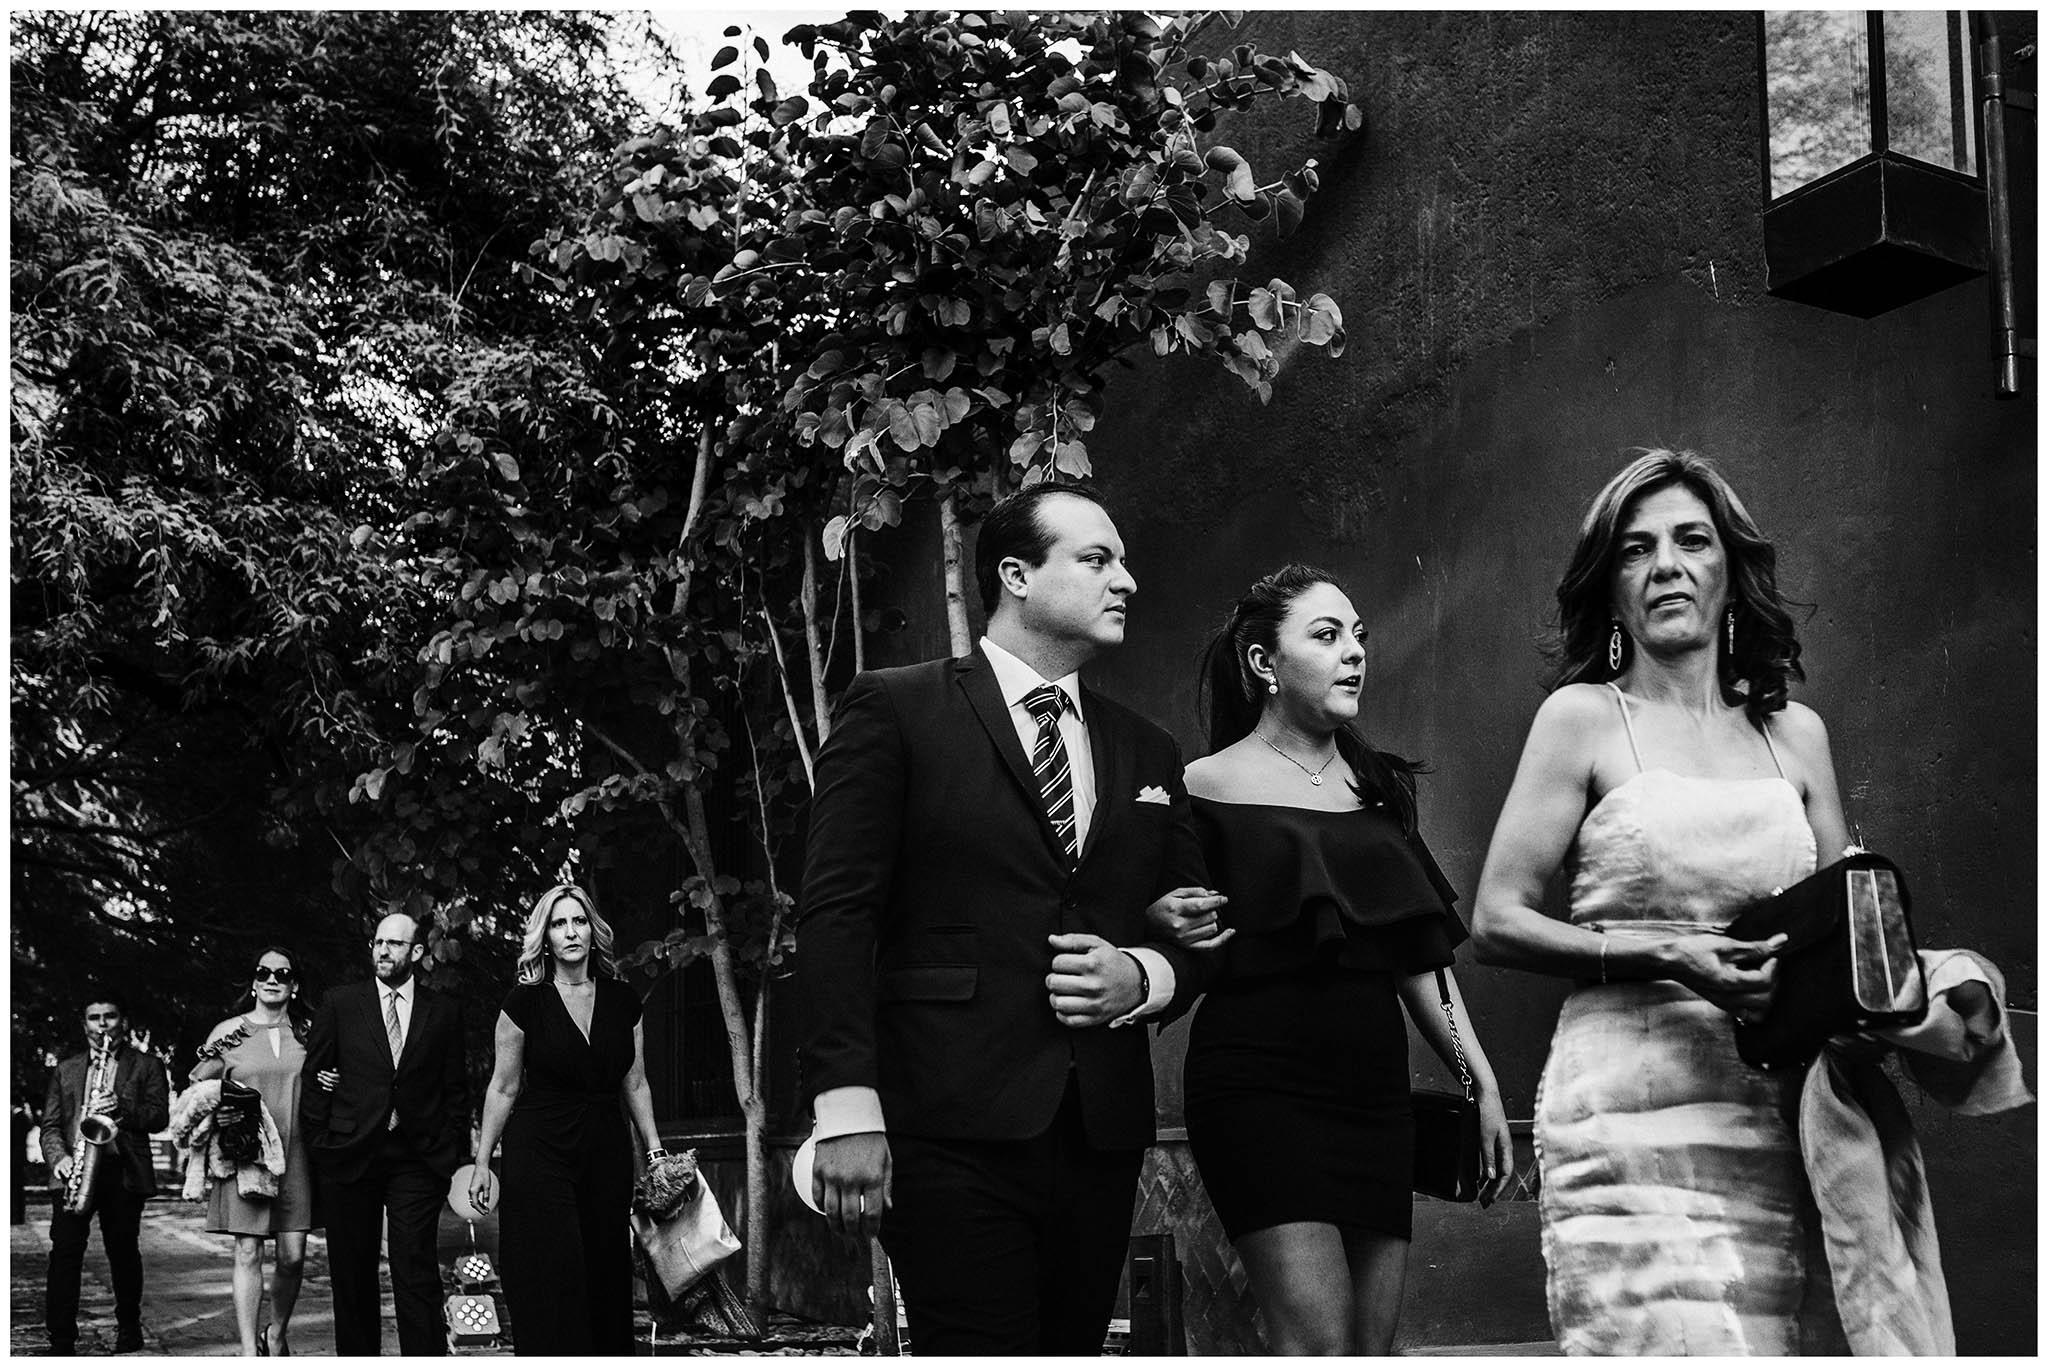 fotografo-bodas-viñedo-puerta-lobo-020.jpg